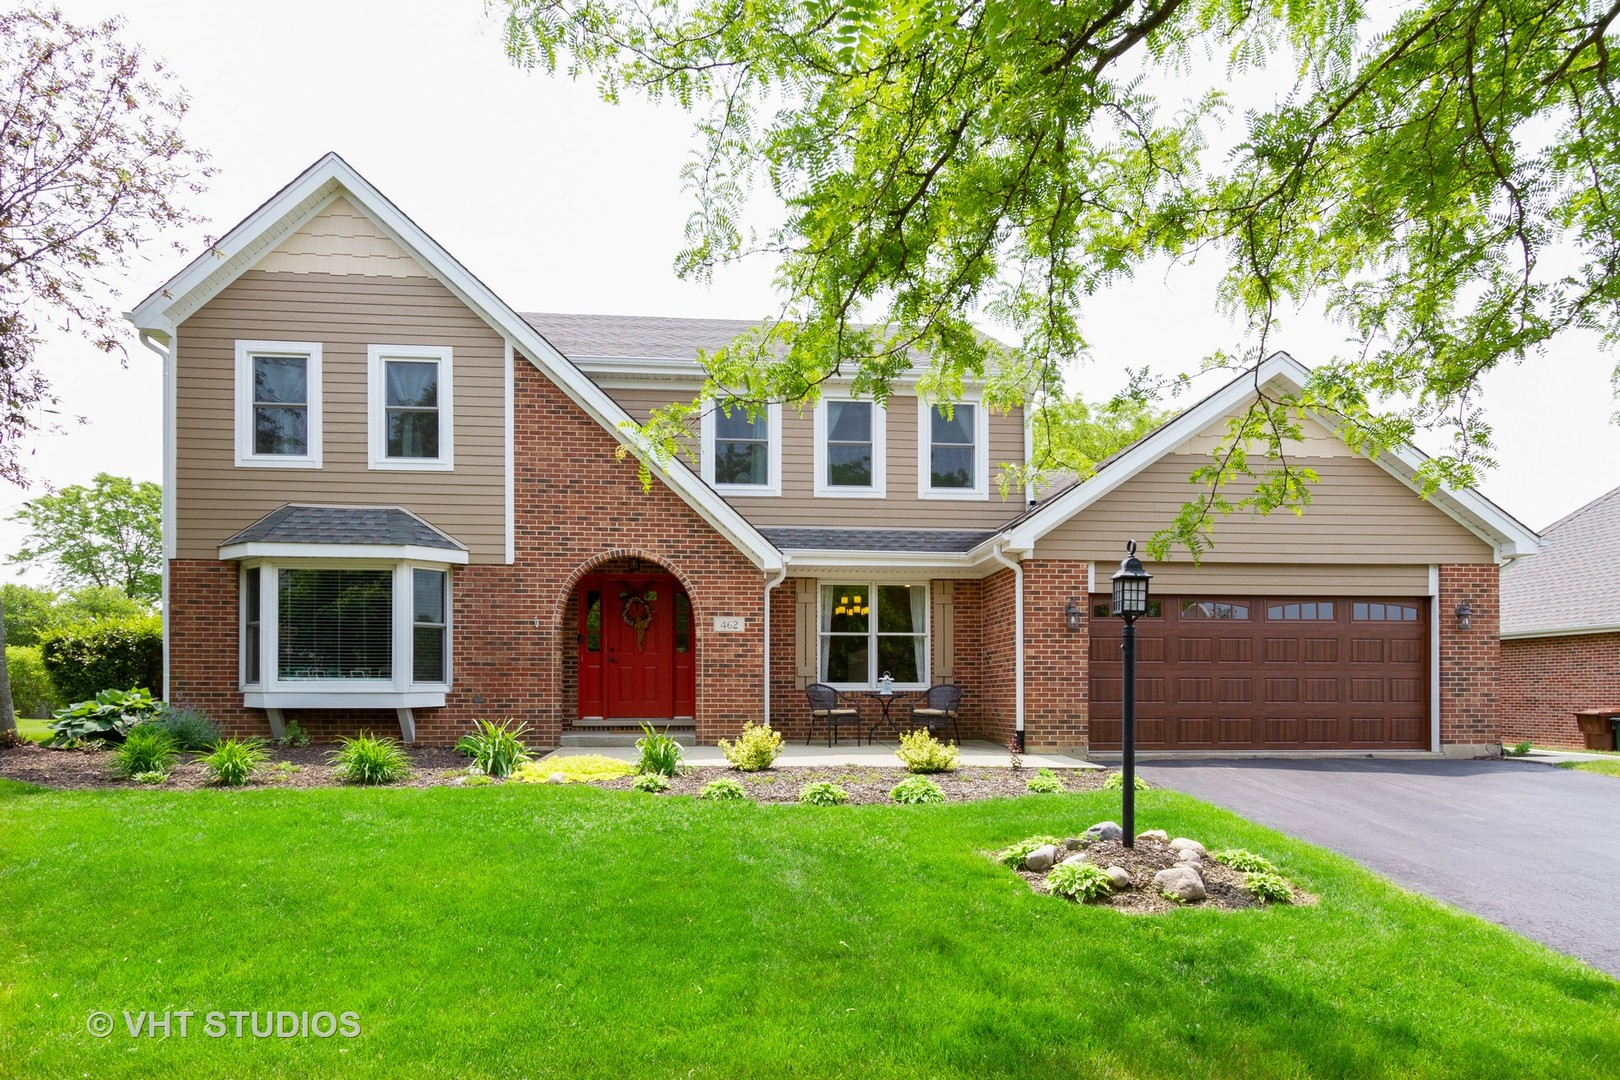 462 Franklin AVE, Frankfort, IL 60423 $410,900 MLS#10399048 rmpost com